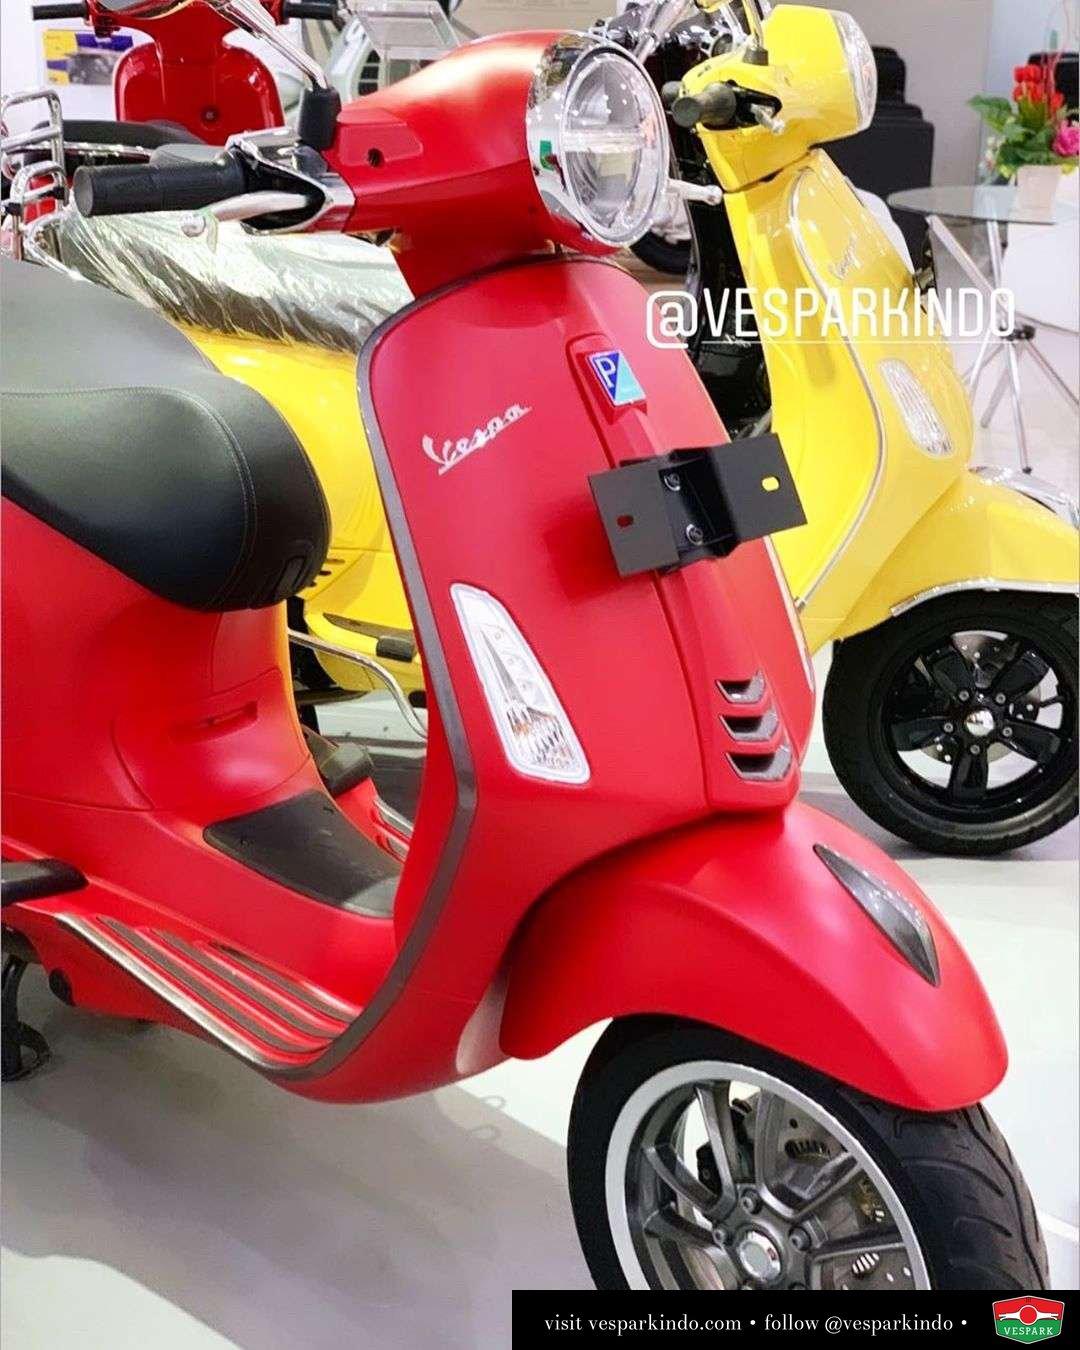 New Vespa Primavera LED ABS iGet Now at Vespark